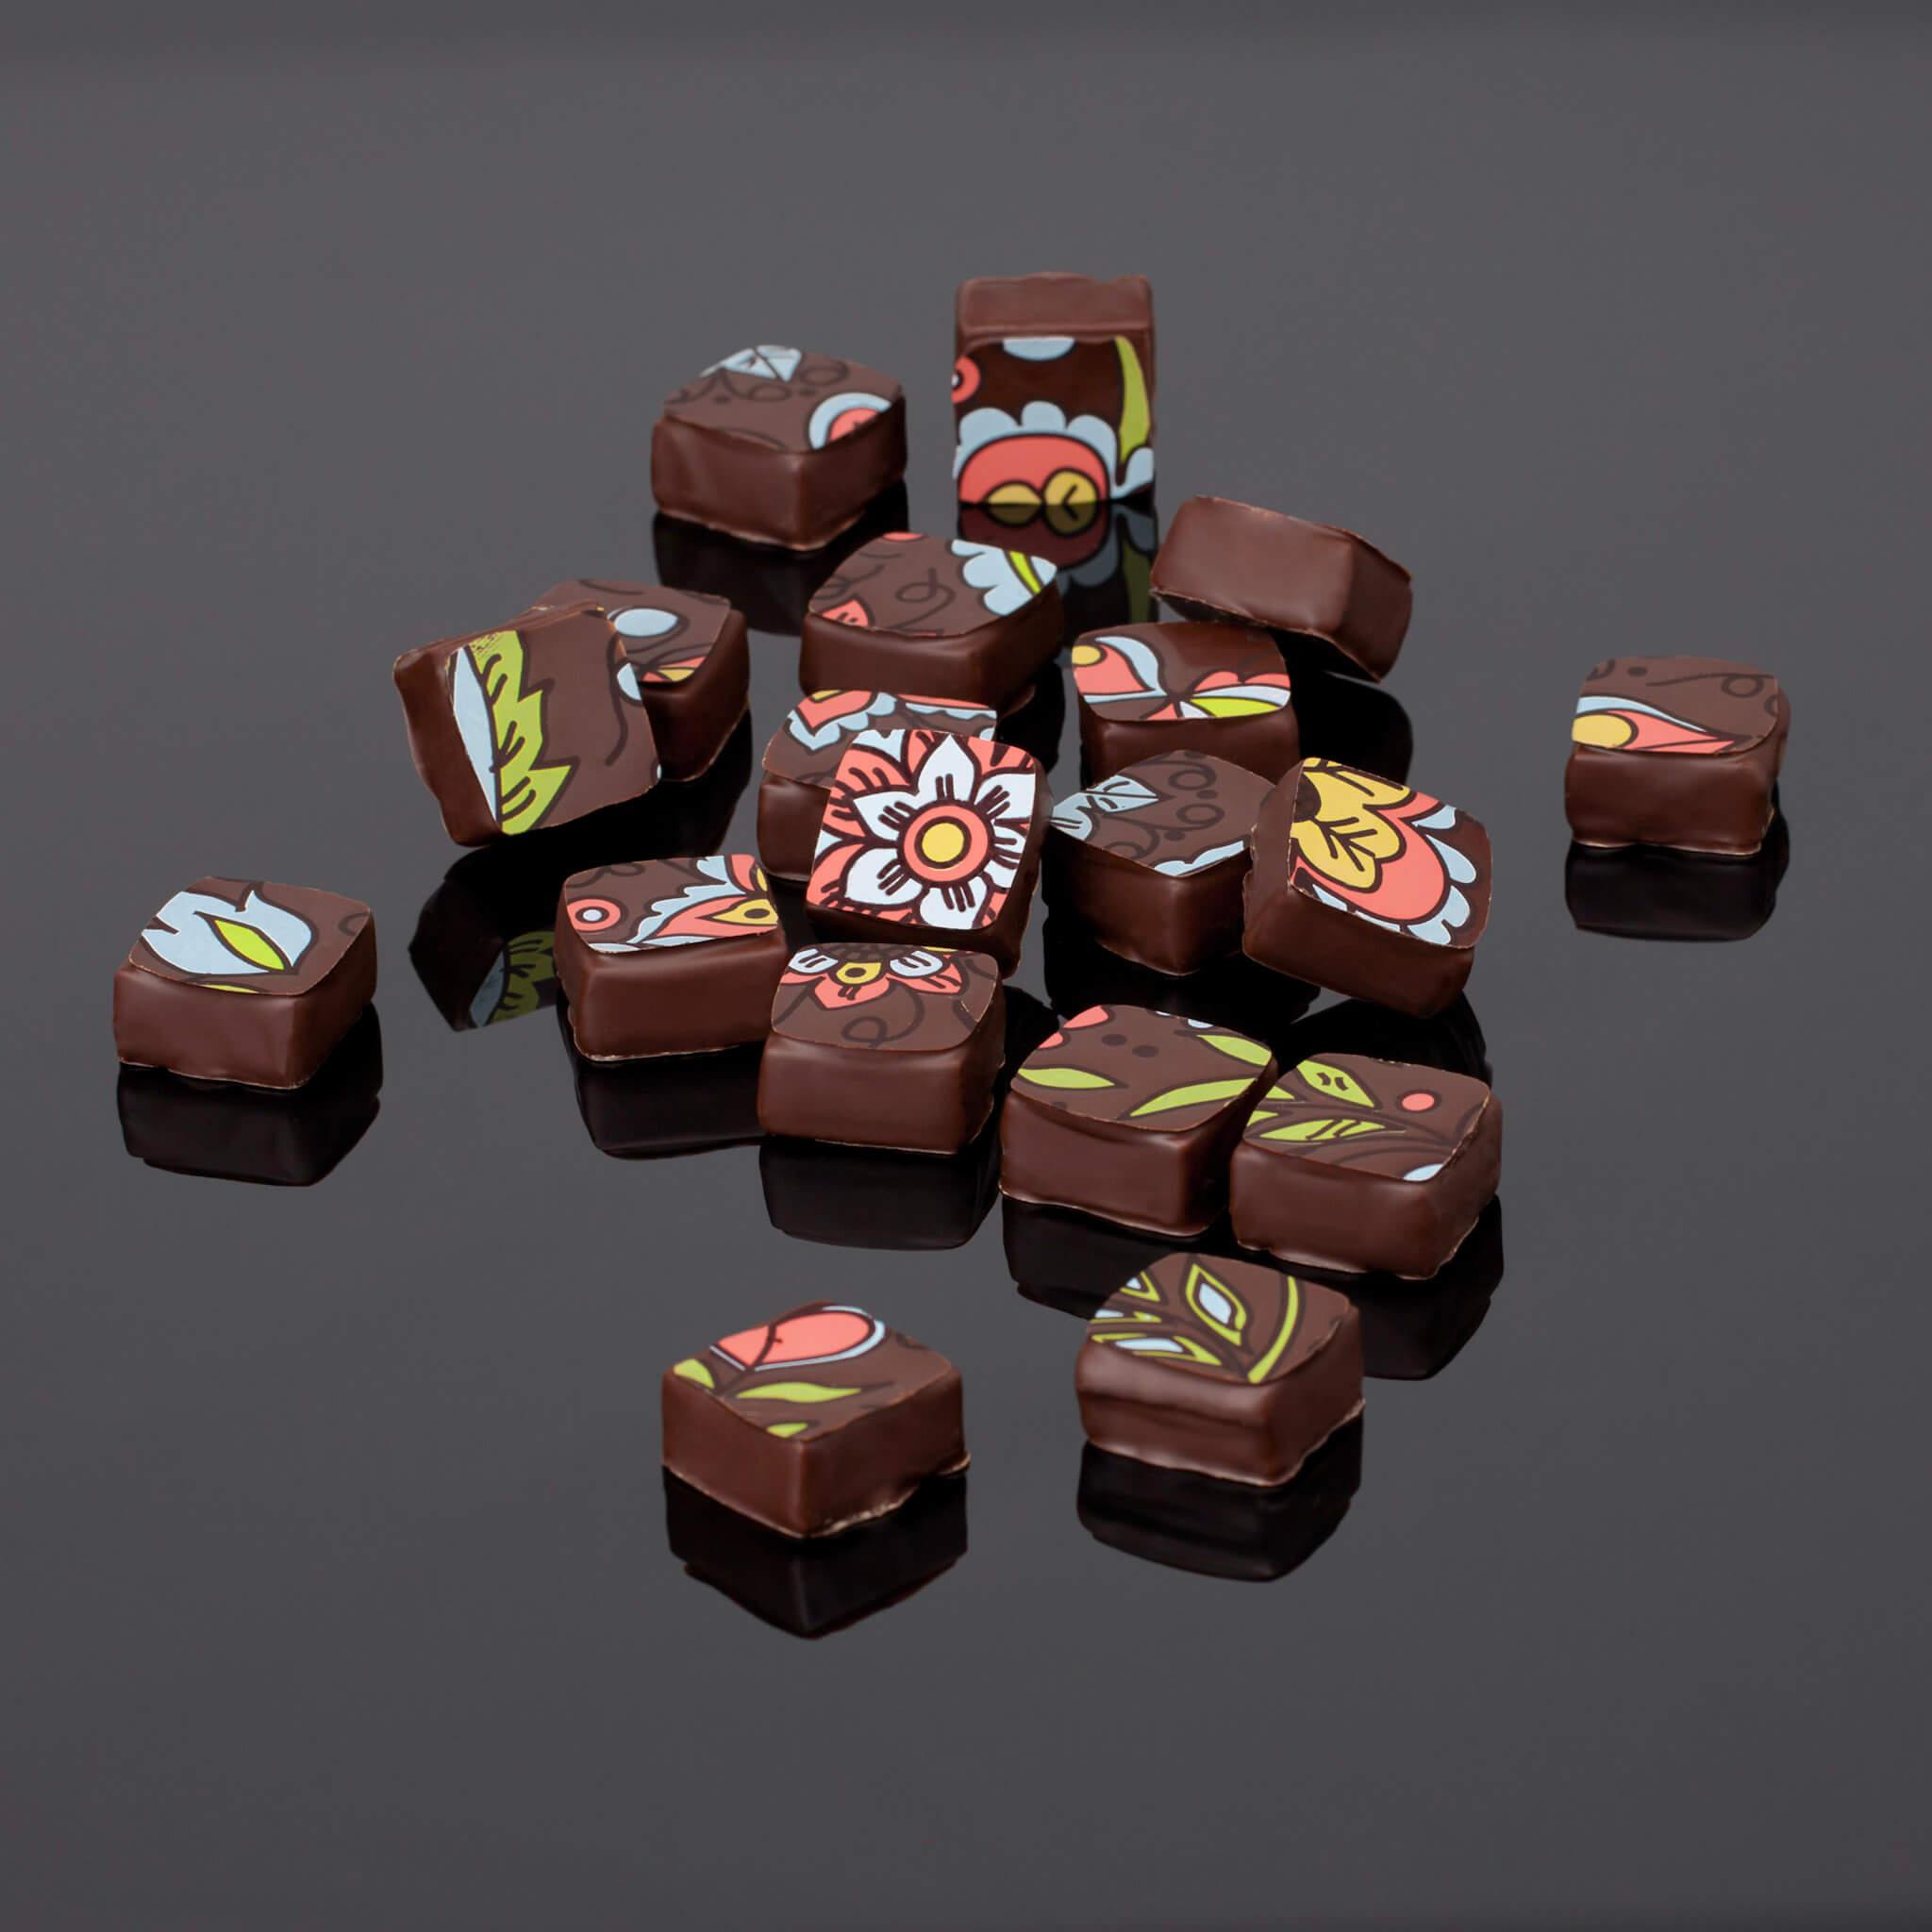 Les réalisations Lehmann Studio, photographe à Angers - shooting culinaire en studio chocolats